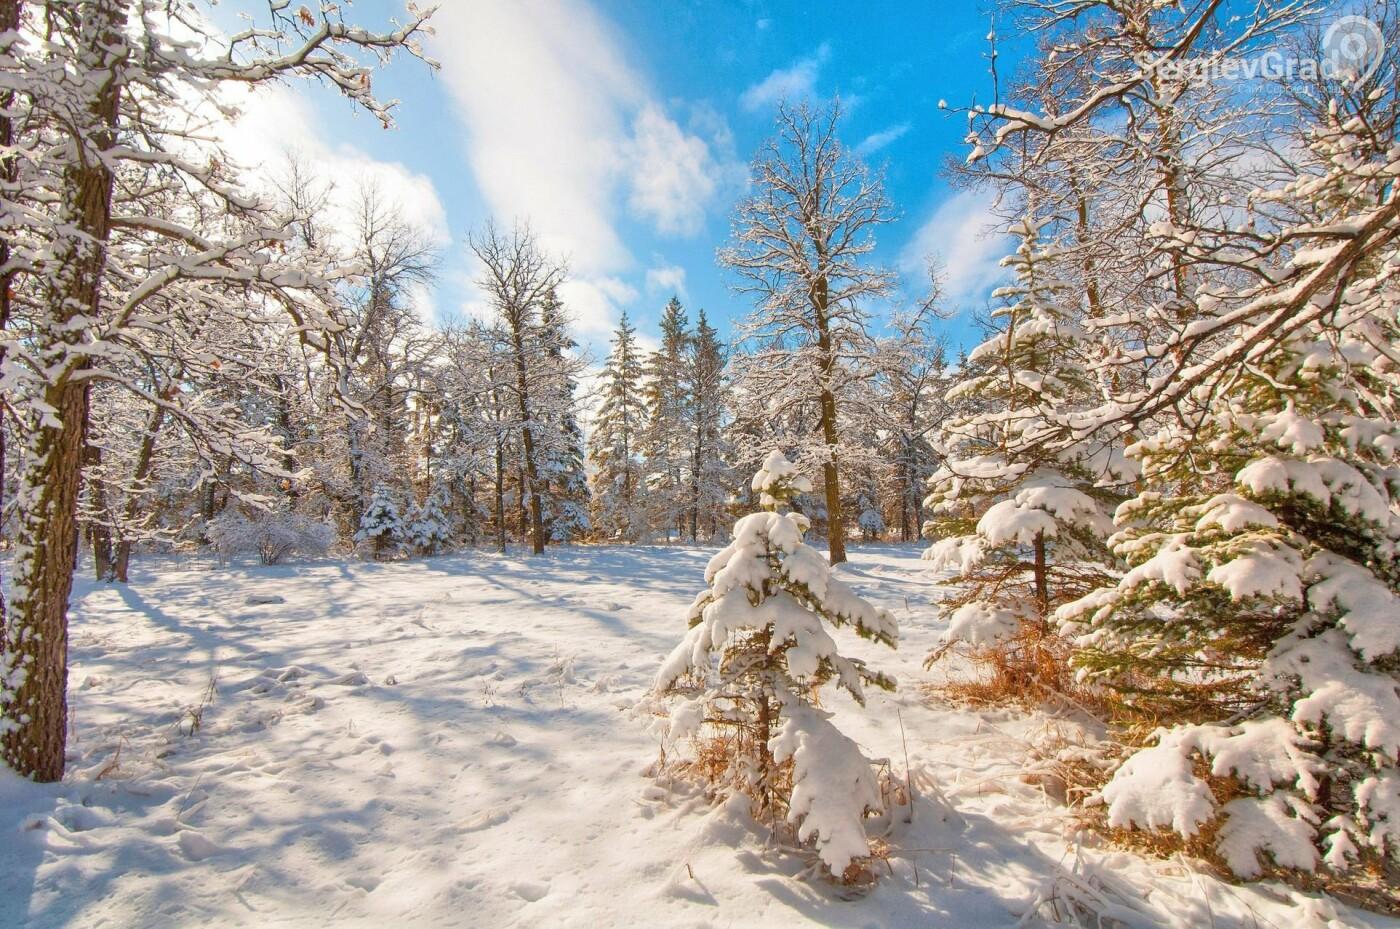 Мероприятие «Арендатор» по контролю за соблюдением требований в лесах началось в Подмосковье